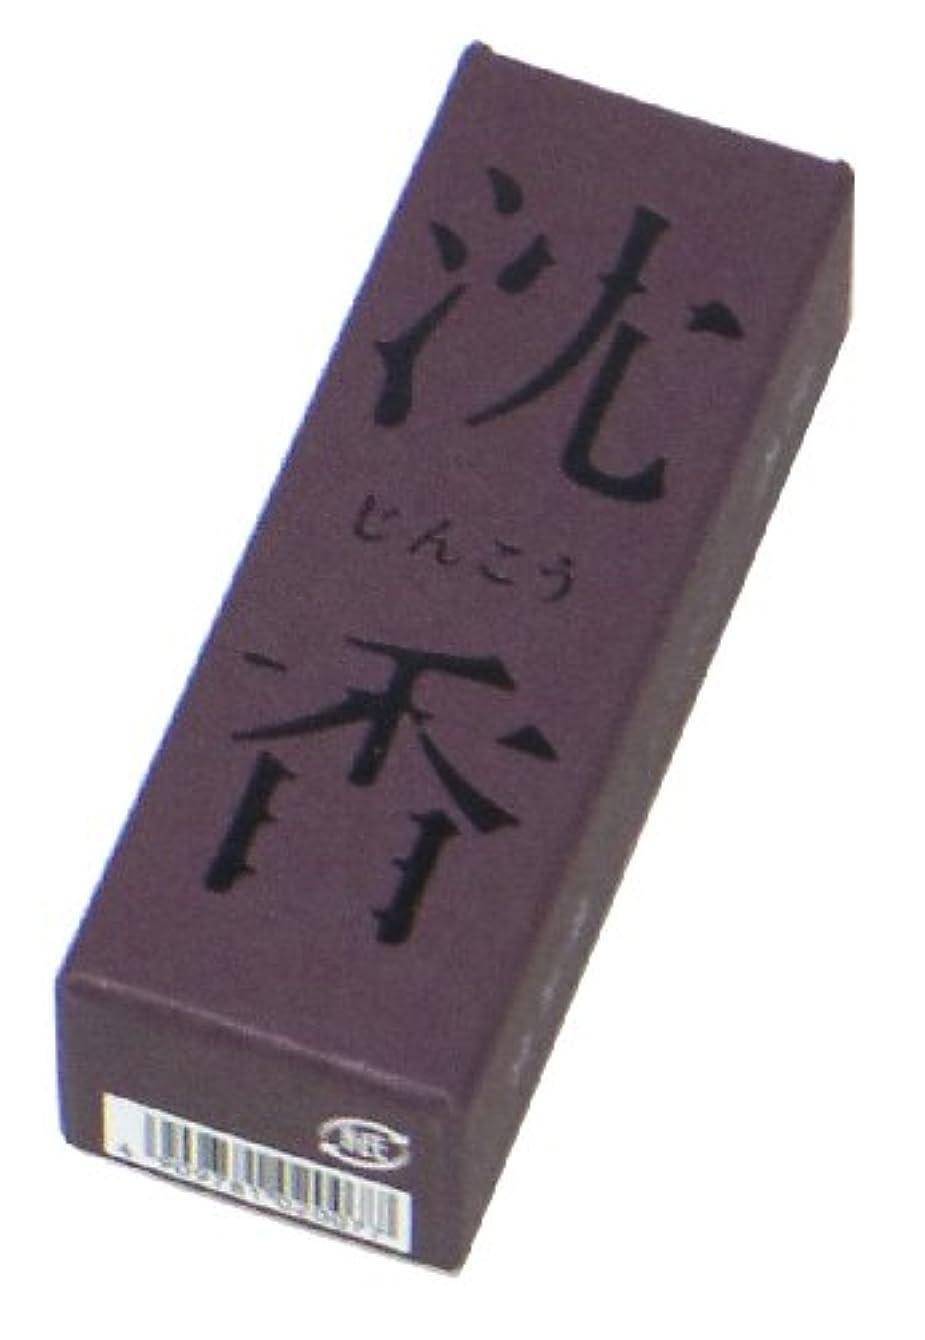 財産代理店相反する鳩居堂のお香 香木の香り 沈香 20本入 6cm